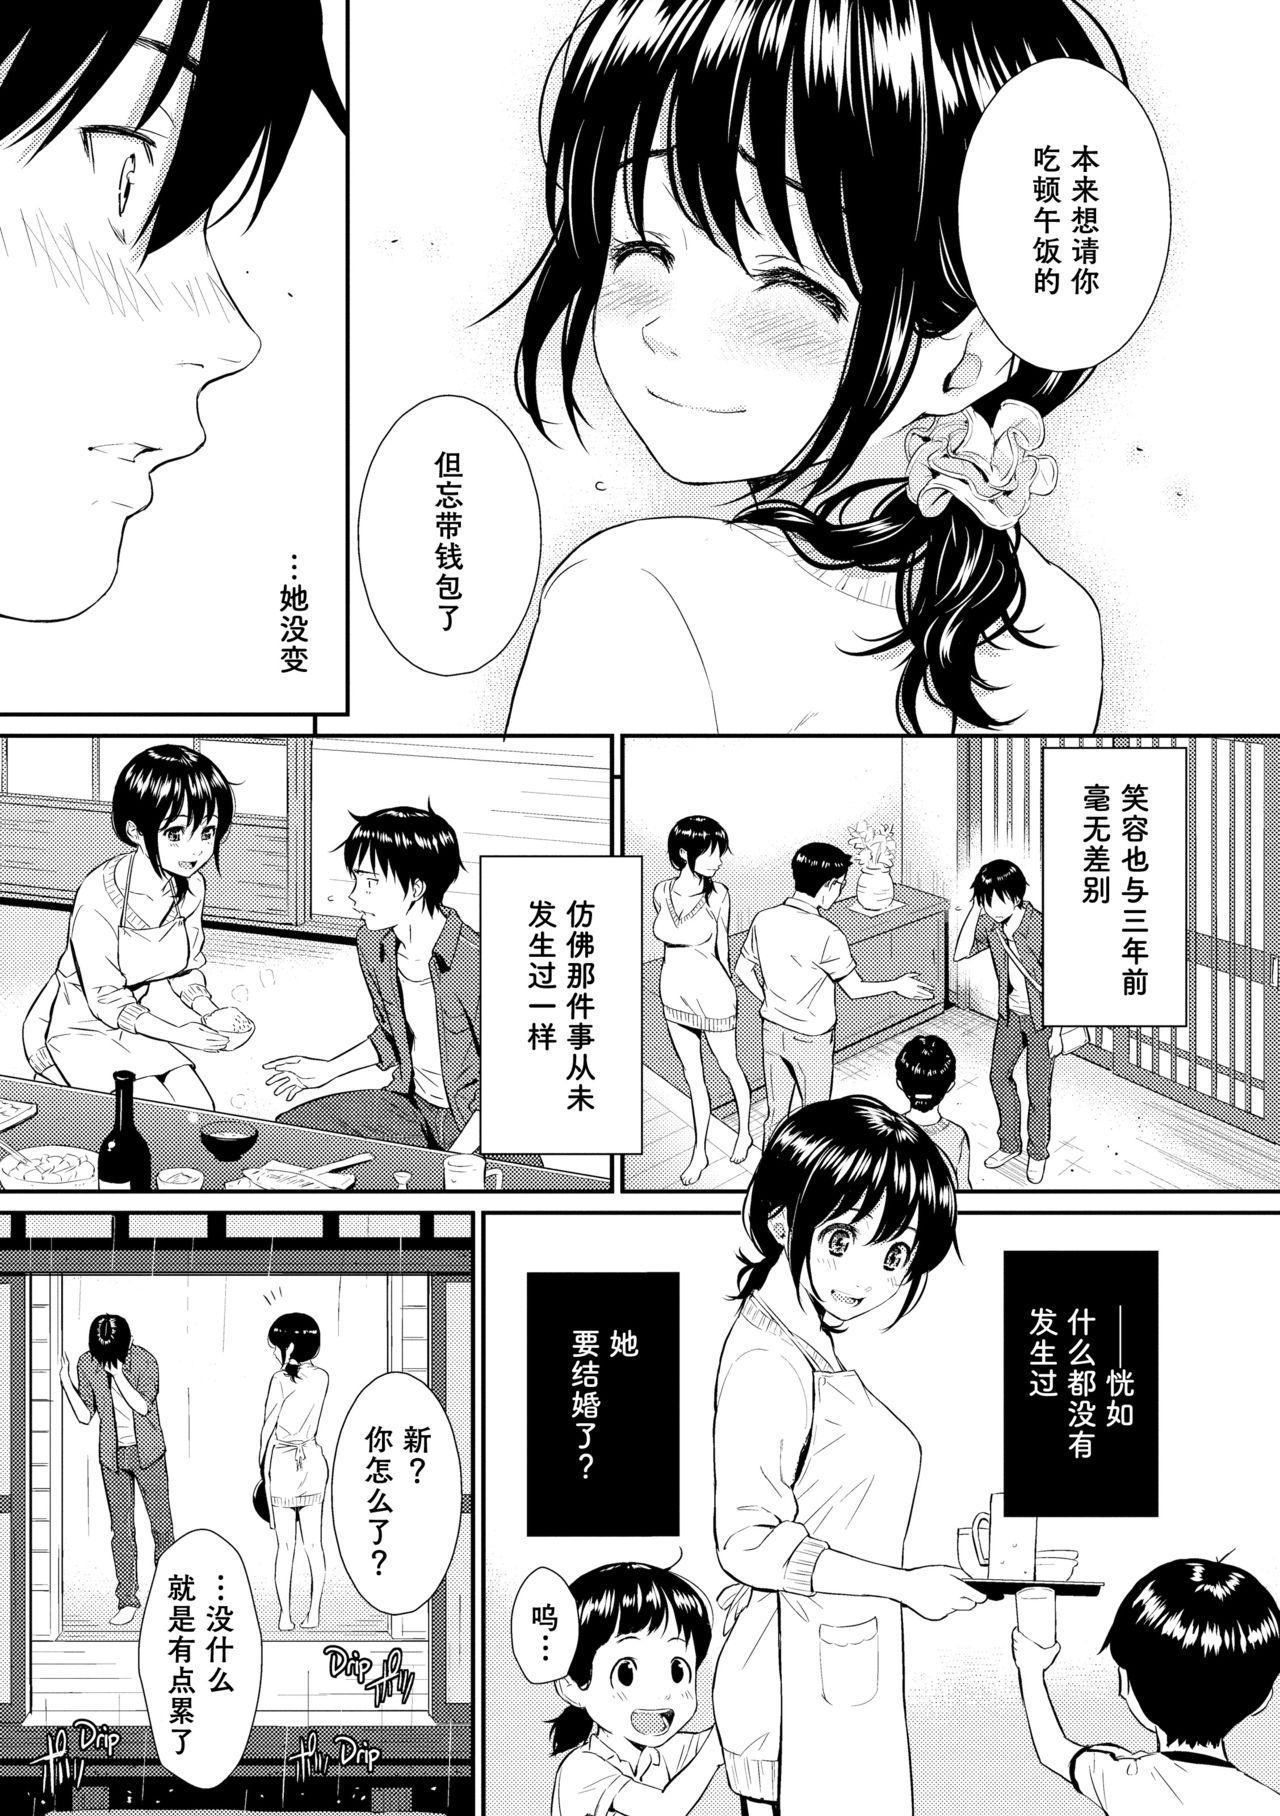 Natsu no Kemono | Summer's Beast 10